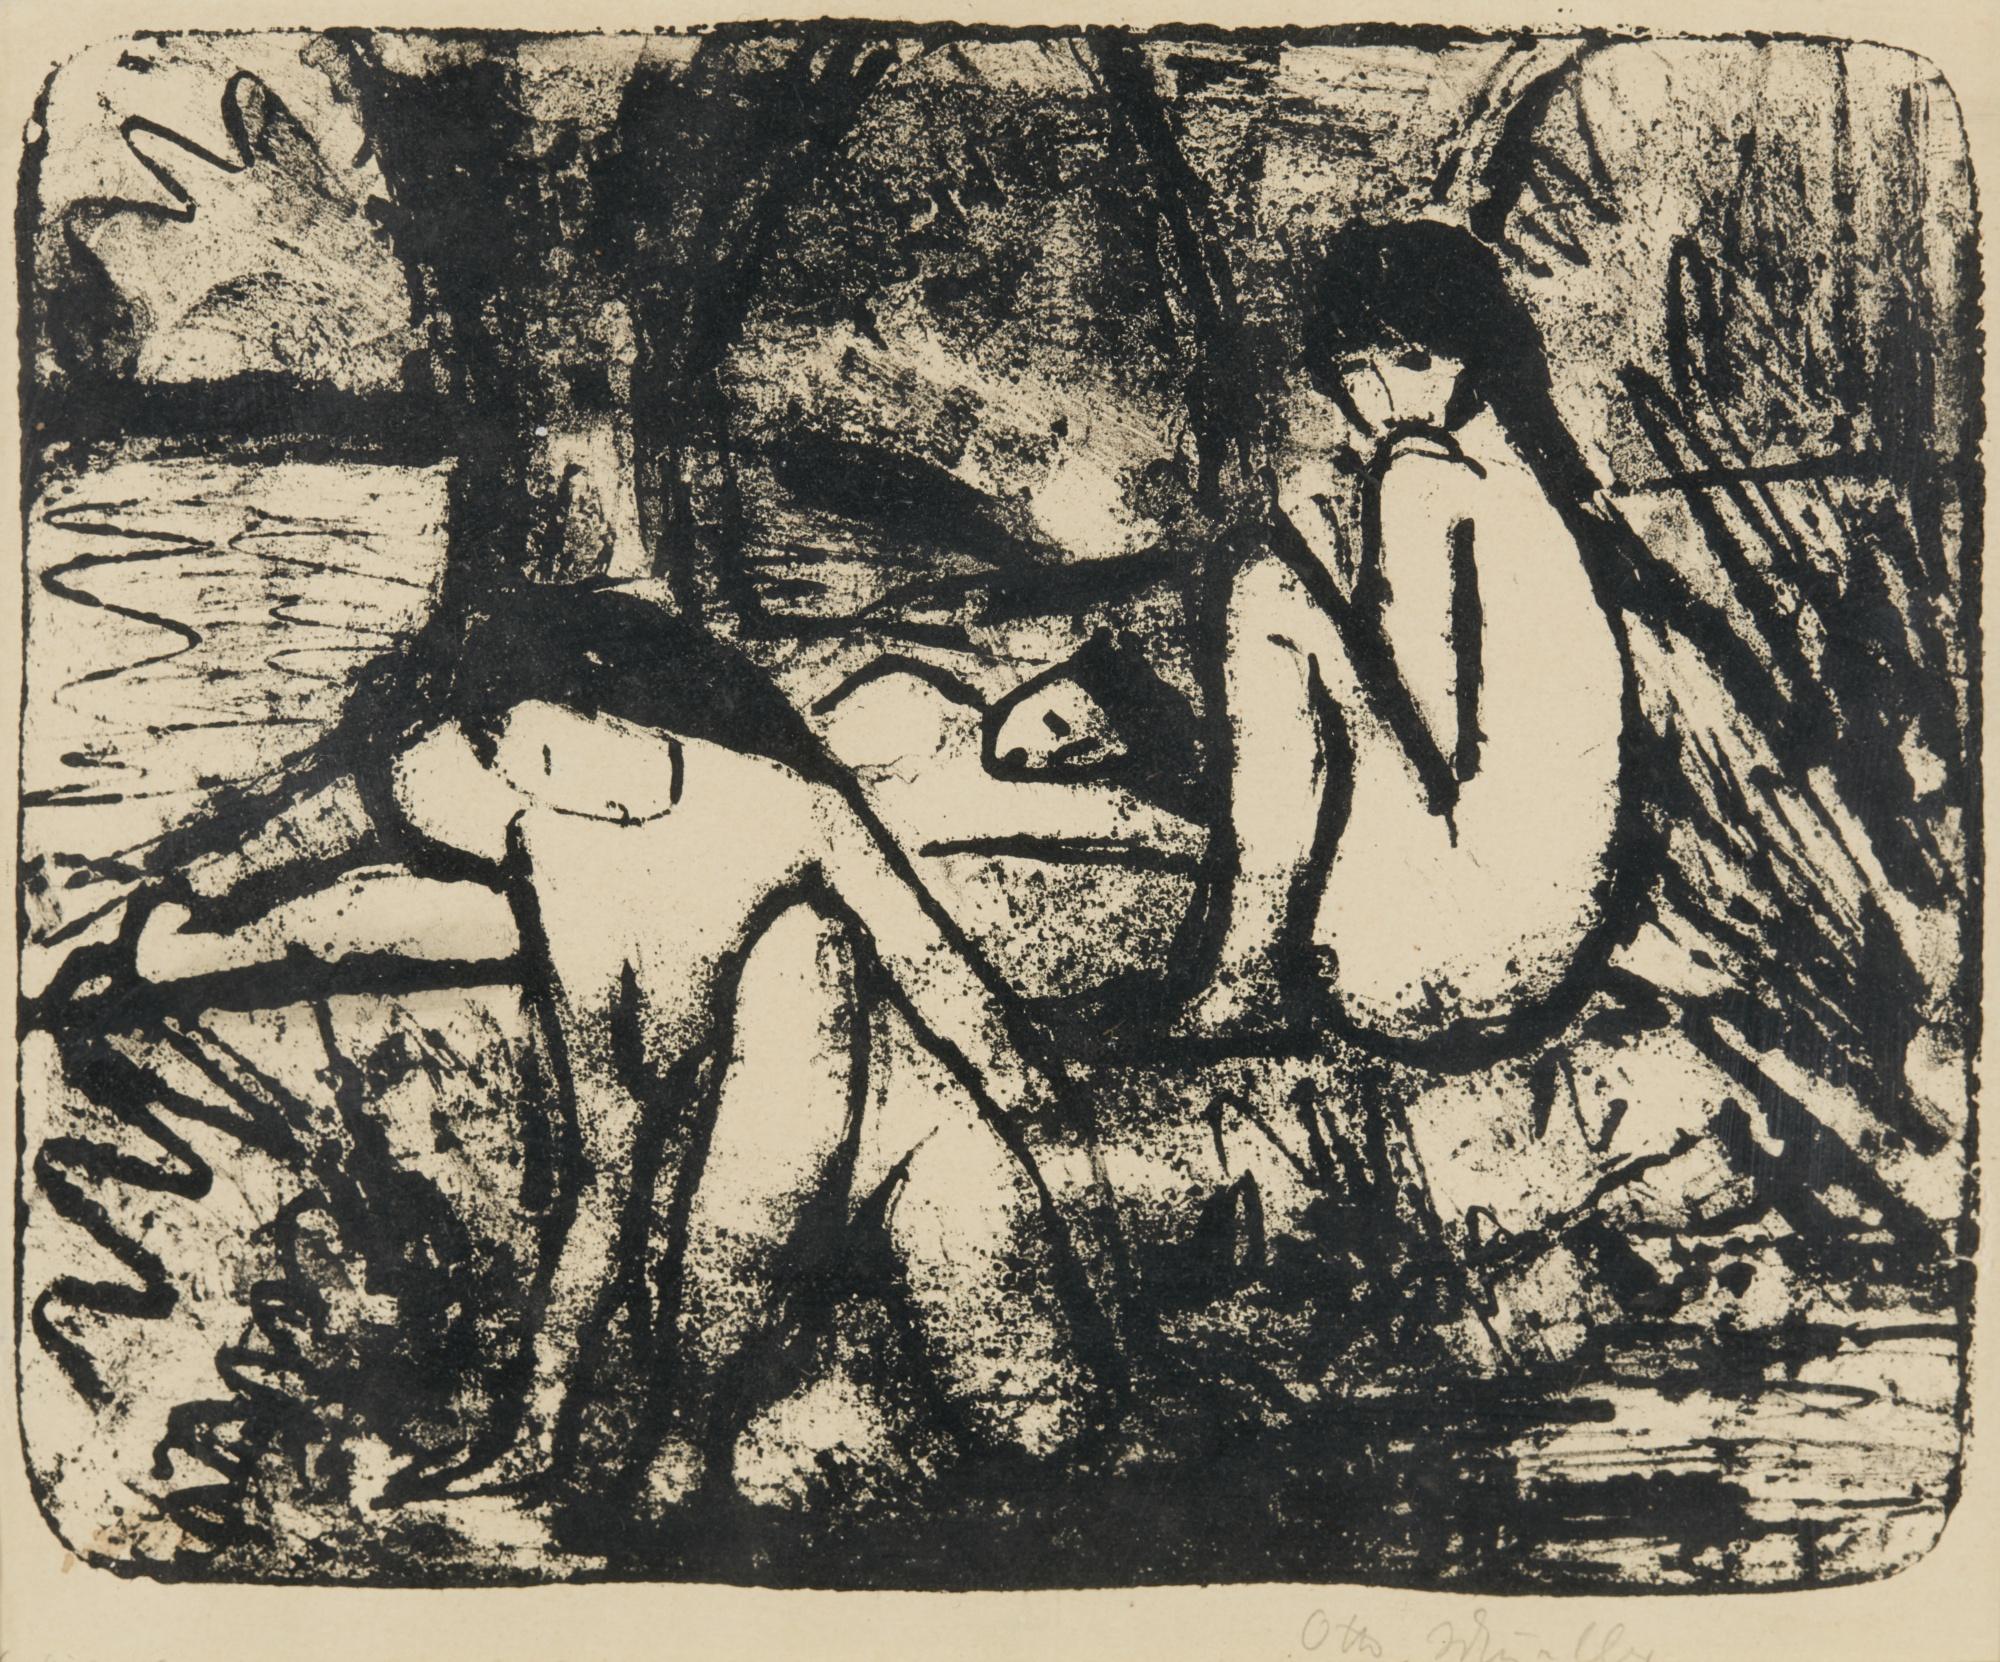 Otto Mueller-Zwei Sitzende MÄ Dchen Vor Liegender Figur (Karsch 64)-1914